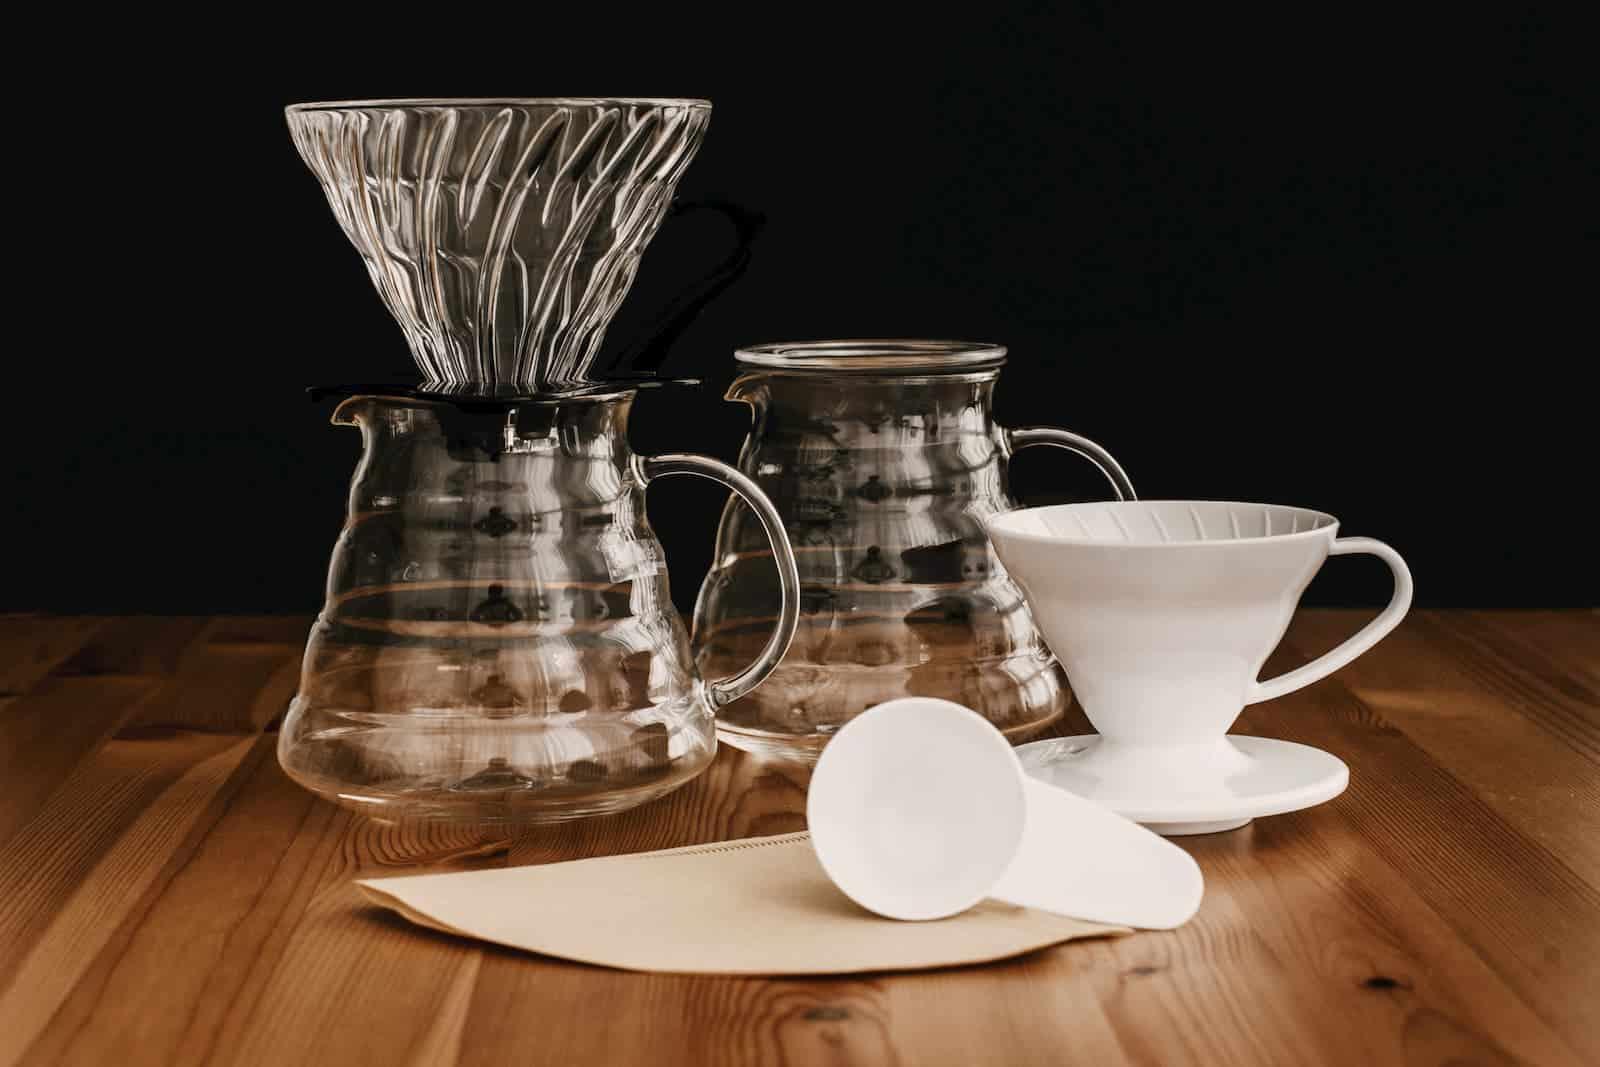 itens necessários para preparar café